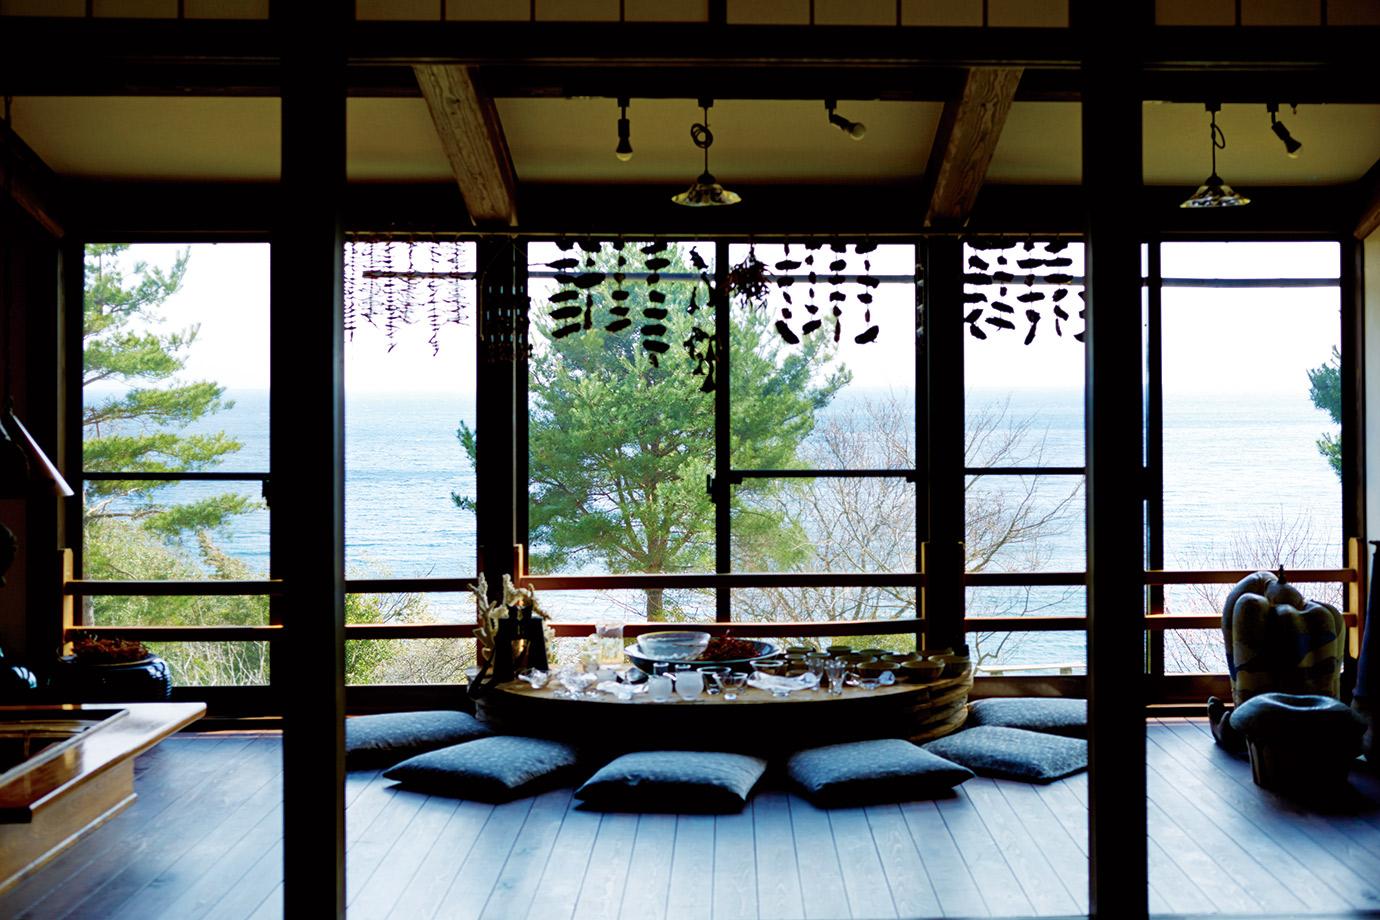 大広間は、大きな窓から富山湾を一望できる。能登で活動している職人たちの作品などを展示している。購入可。